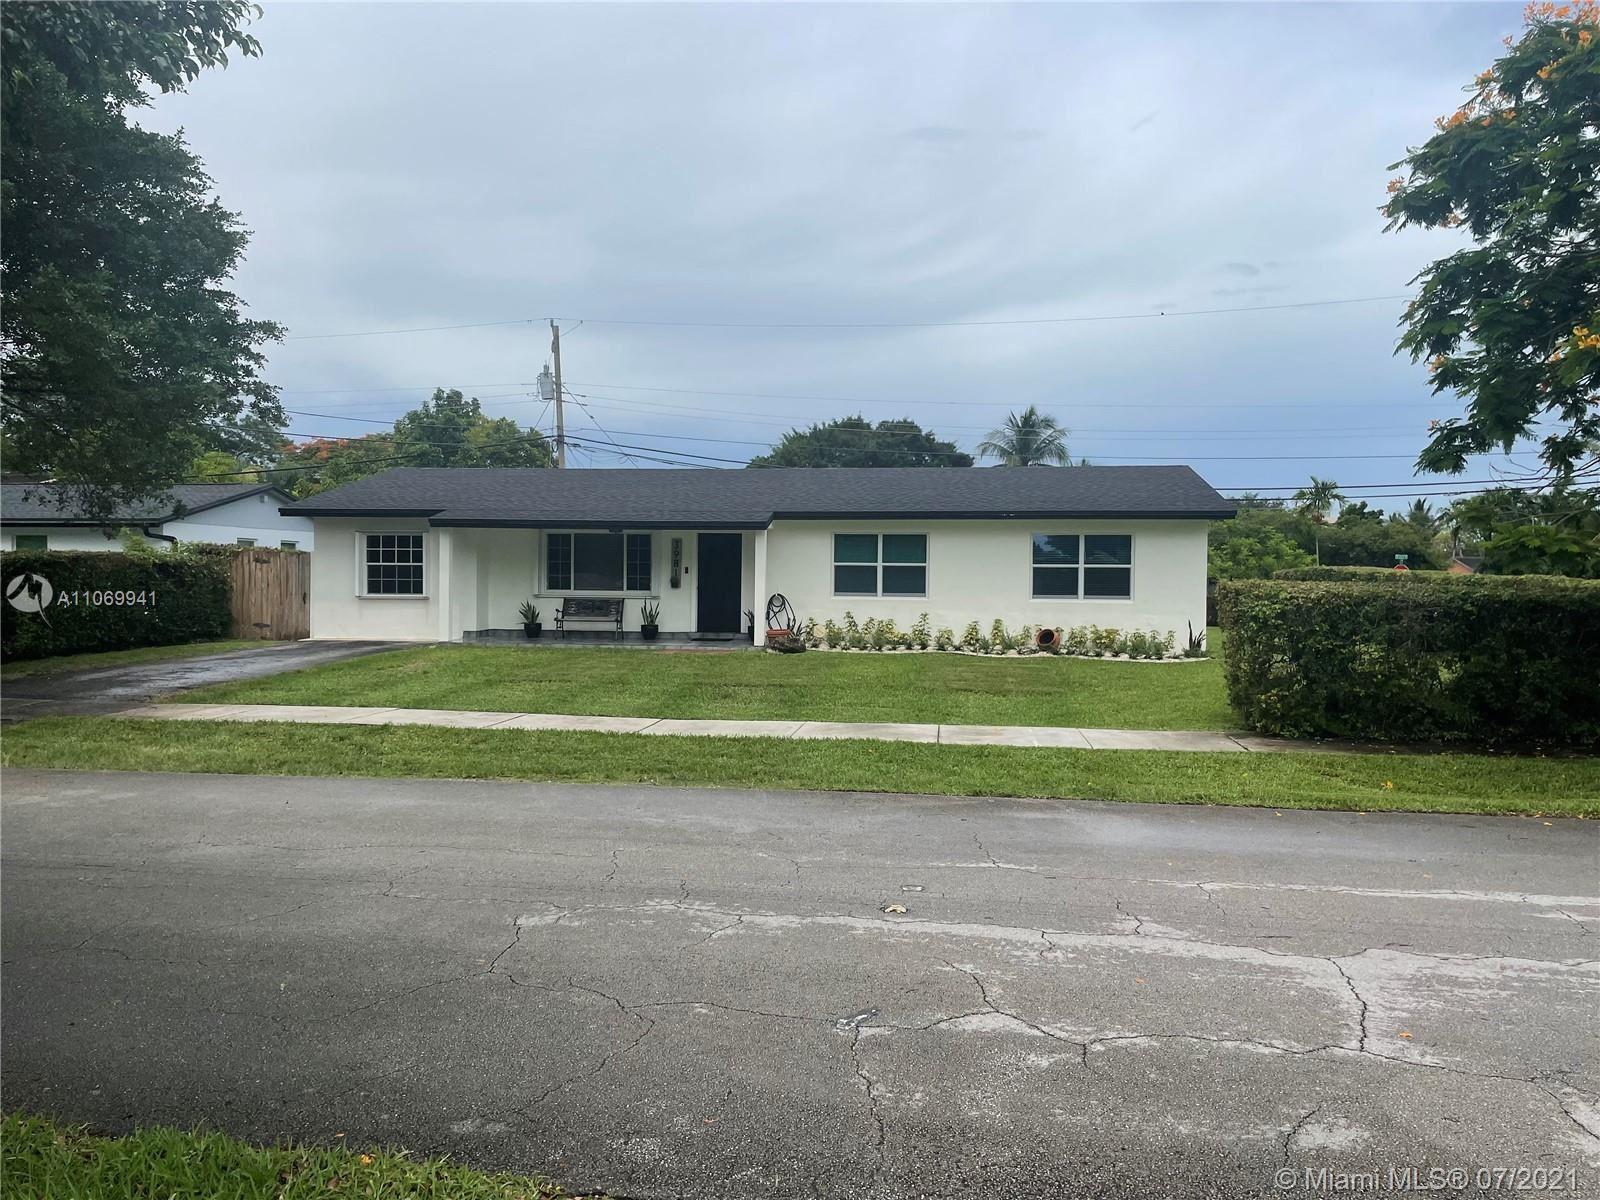 3981 SW 122nd Ct, Miami, FL 33175 - #: A11069941